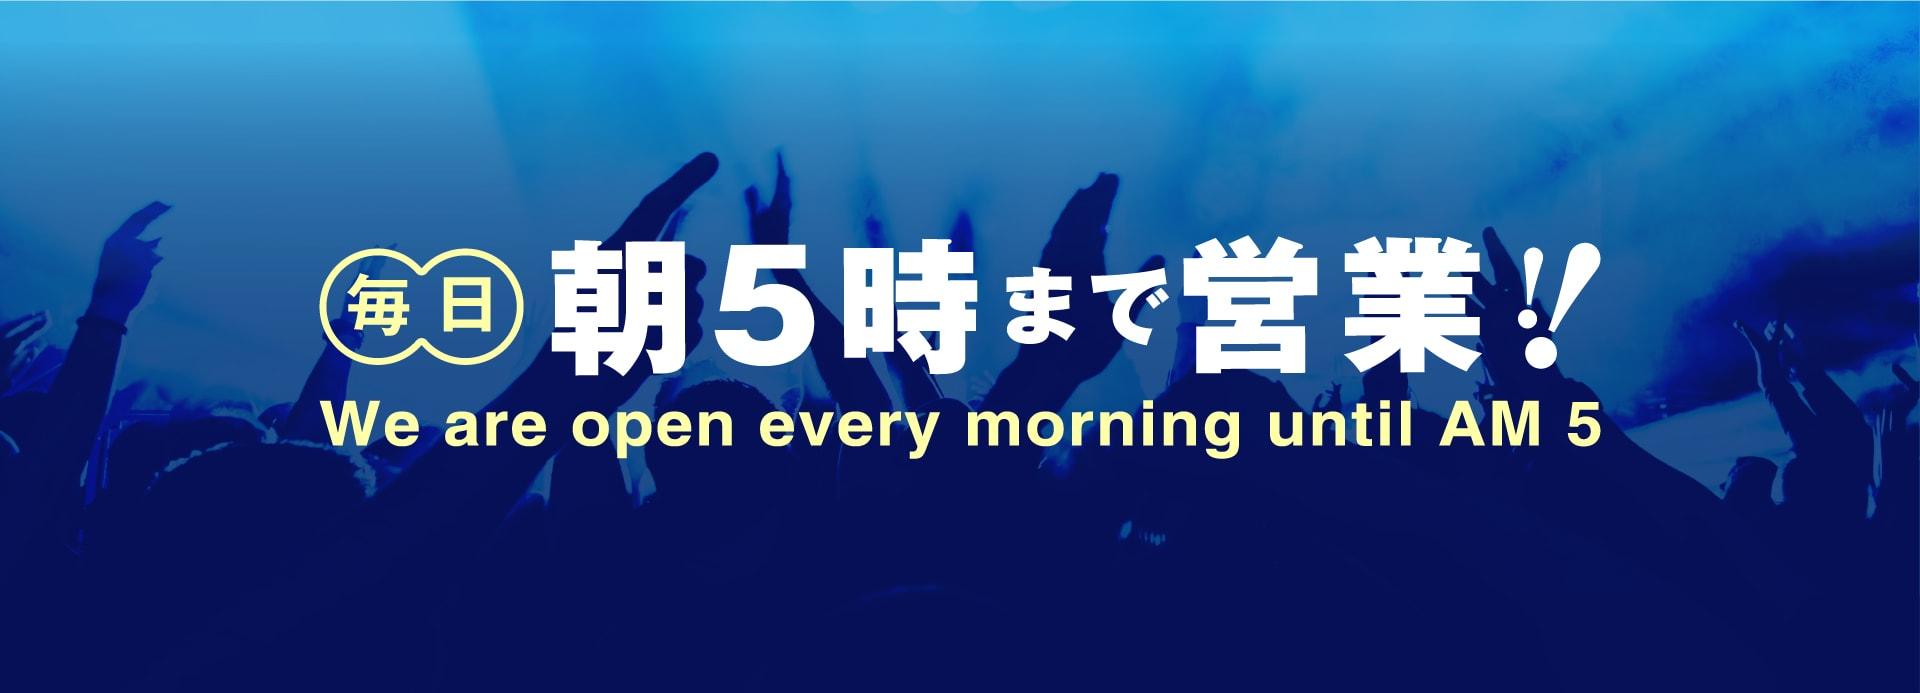 CLUB SANGO(サンゴ)は毎日朝5時まで営業しています!